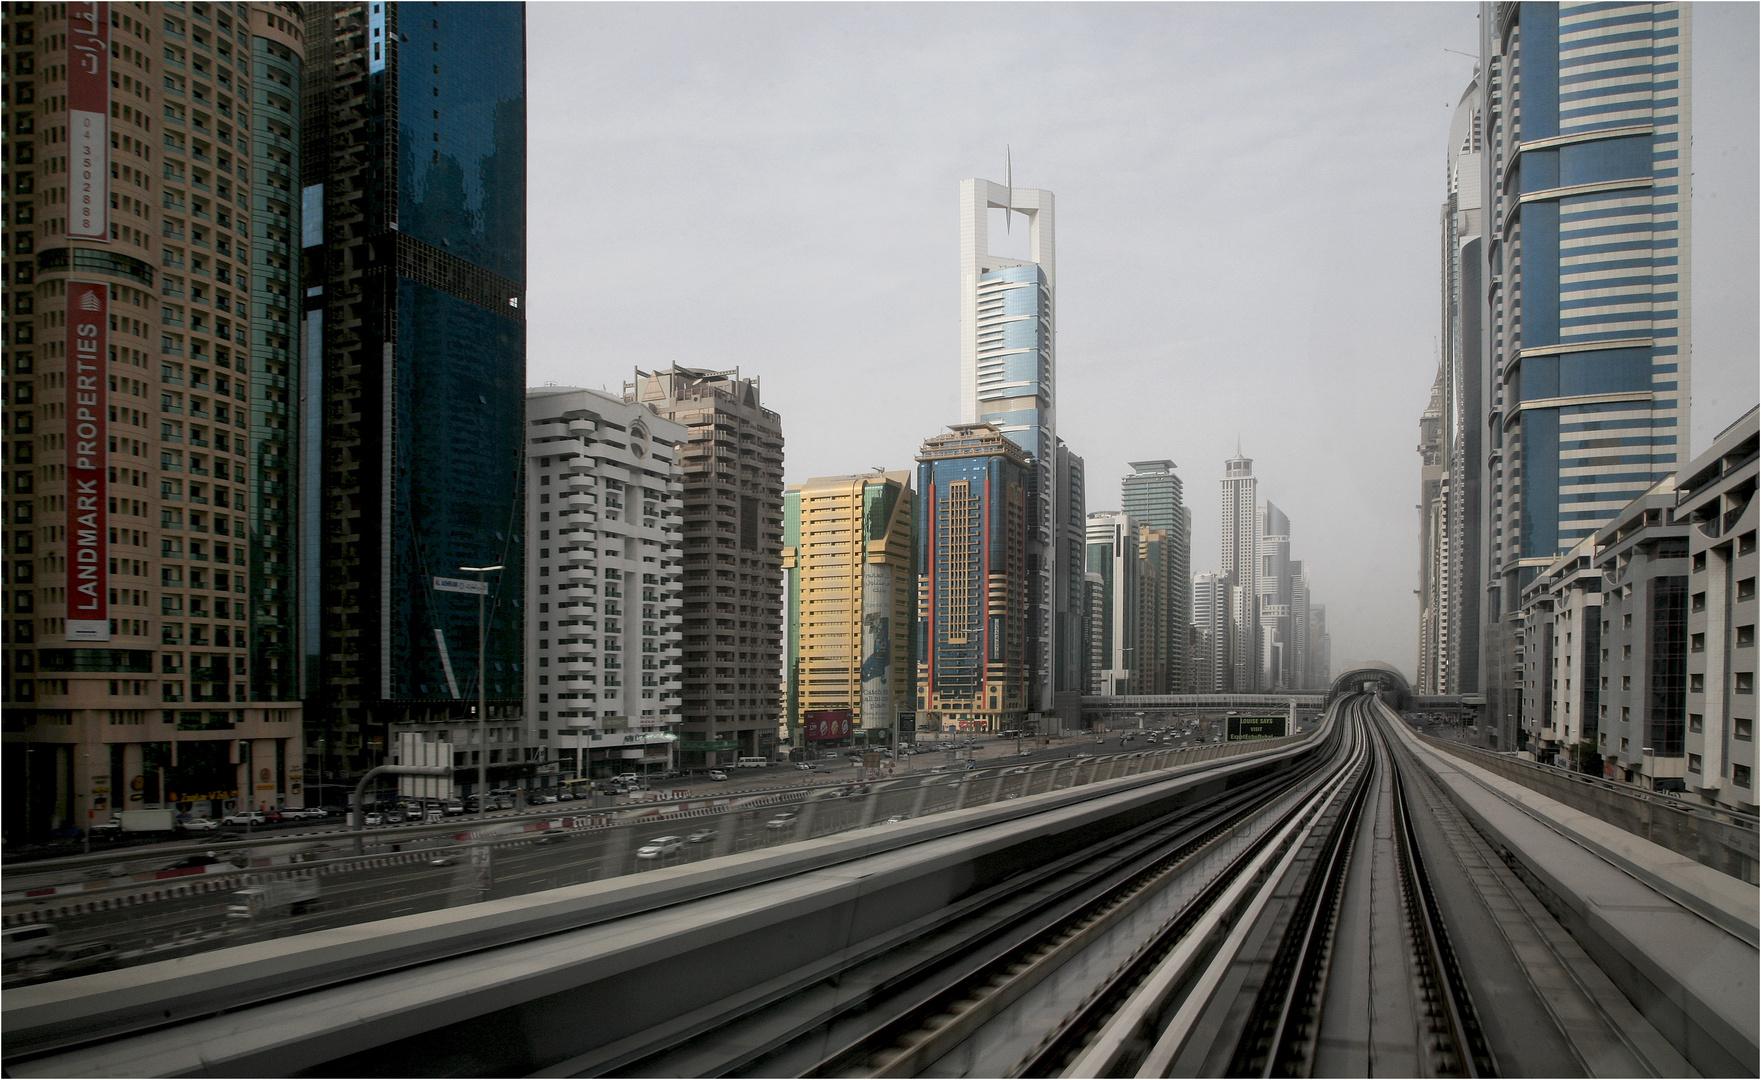 Riding a town - Dubai, UAE